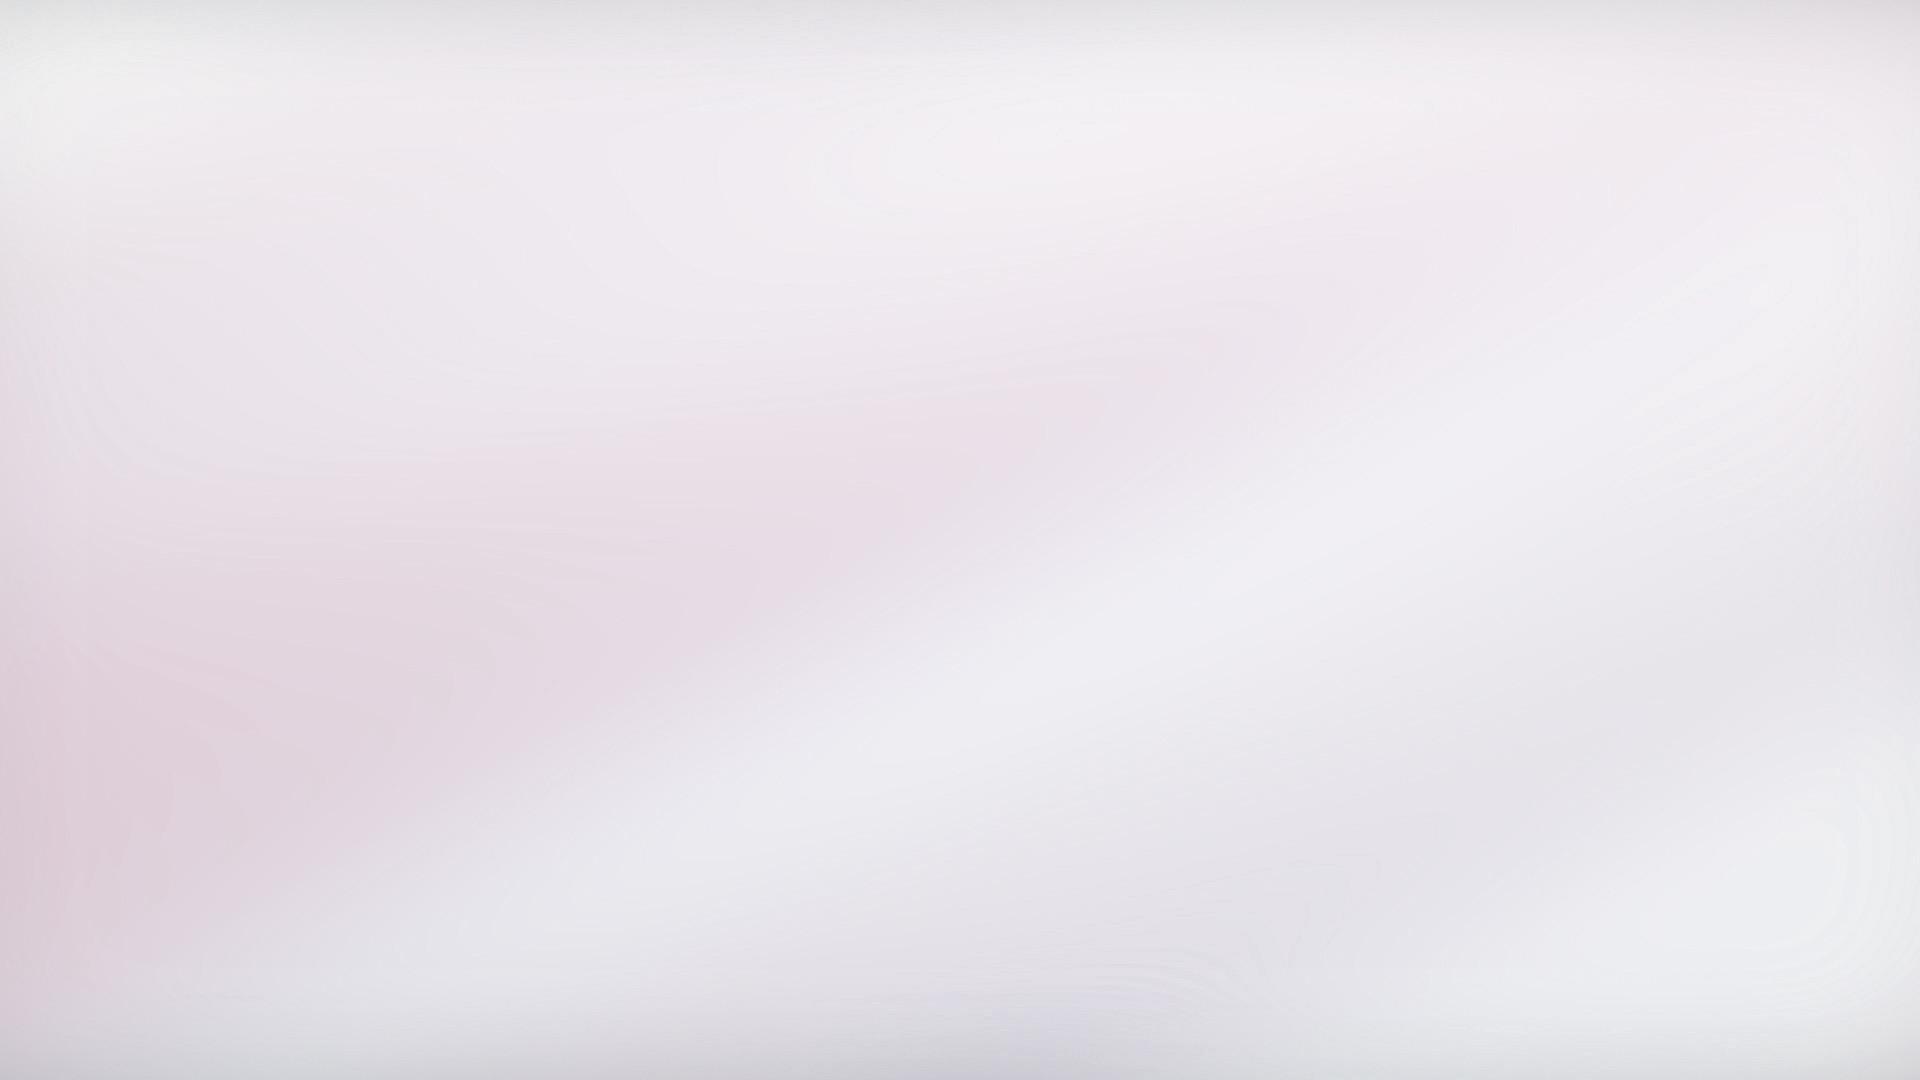 <b>Backgrounds Tumblr</b> Black <b>White Plain<